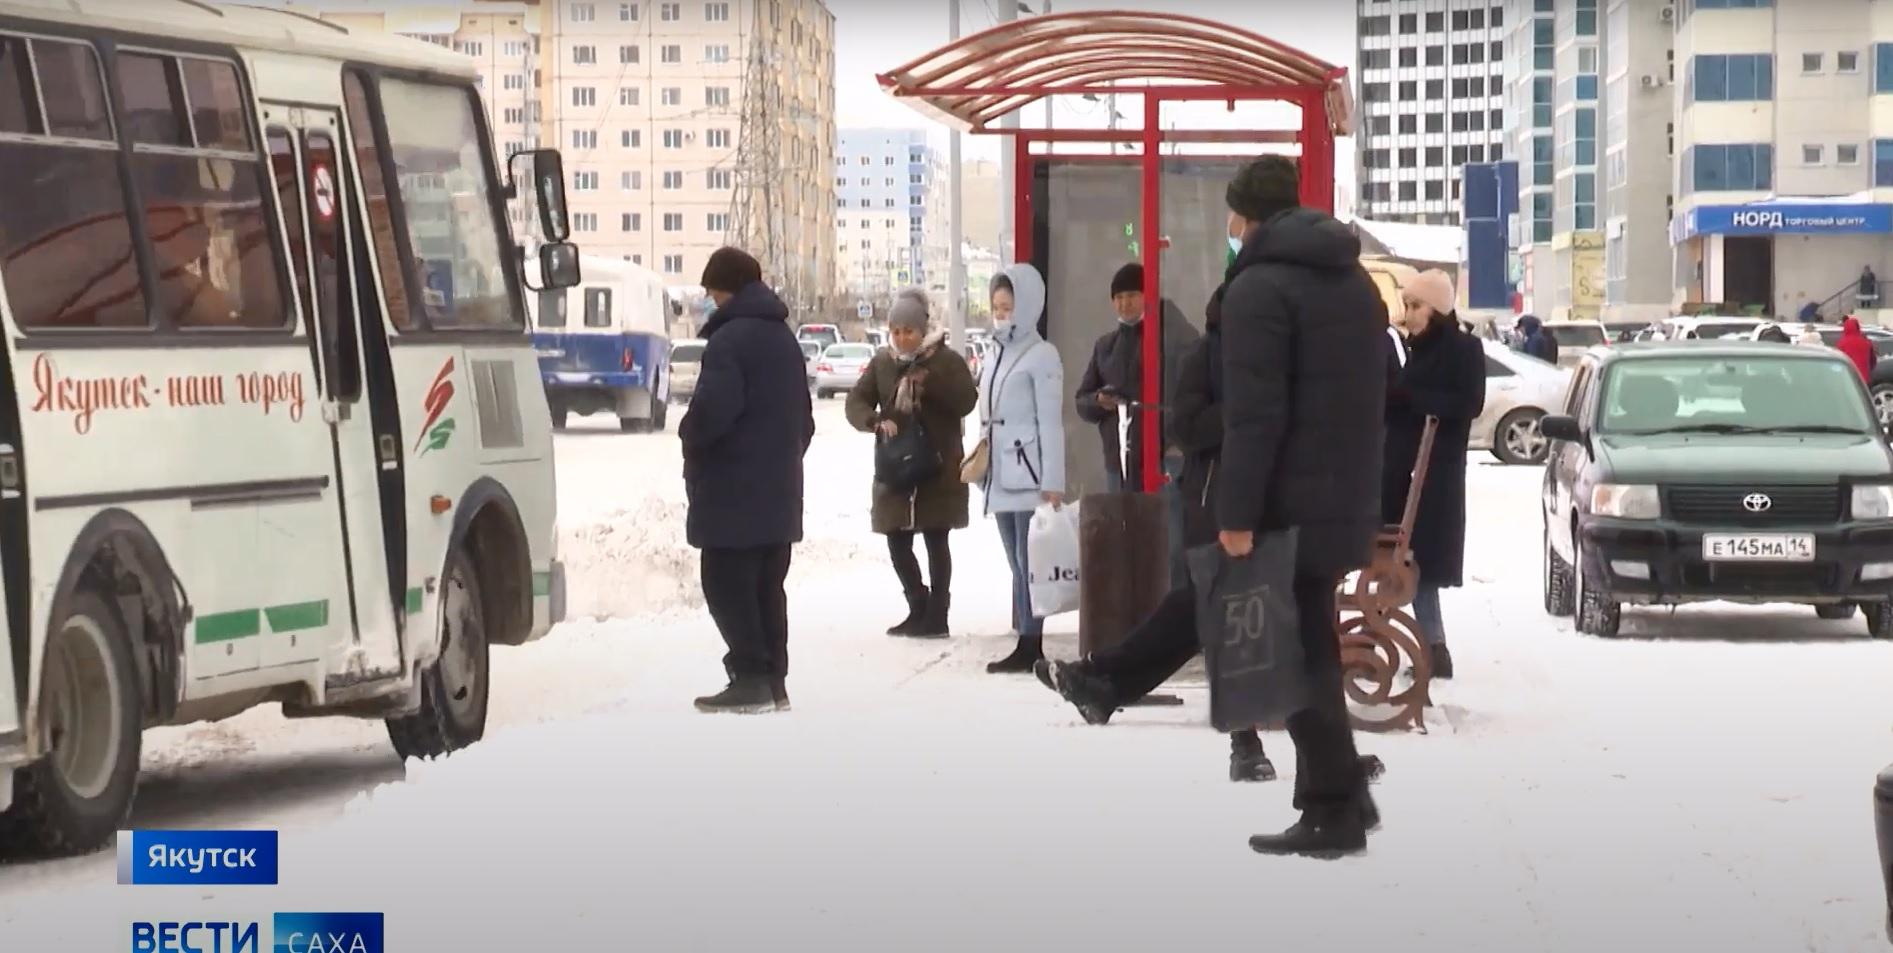 """Эфир """"Вести Саха"""" от 12 ноября 2020 года. """"Соблюдение масочного режима в общественном транспорте"""""""